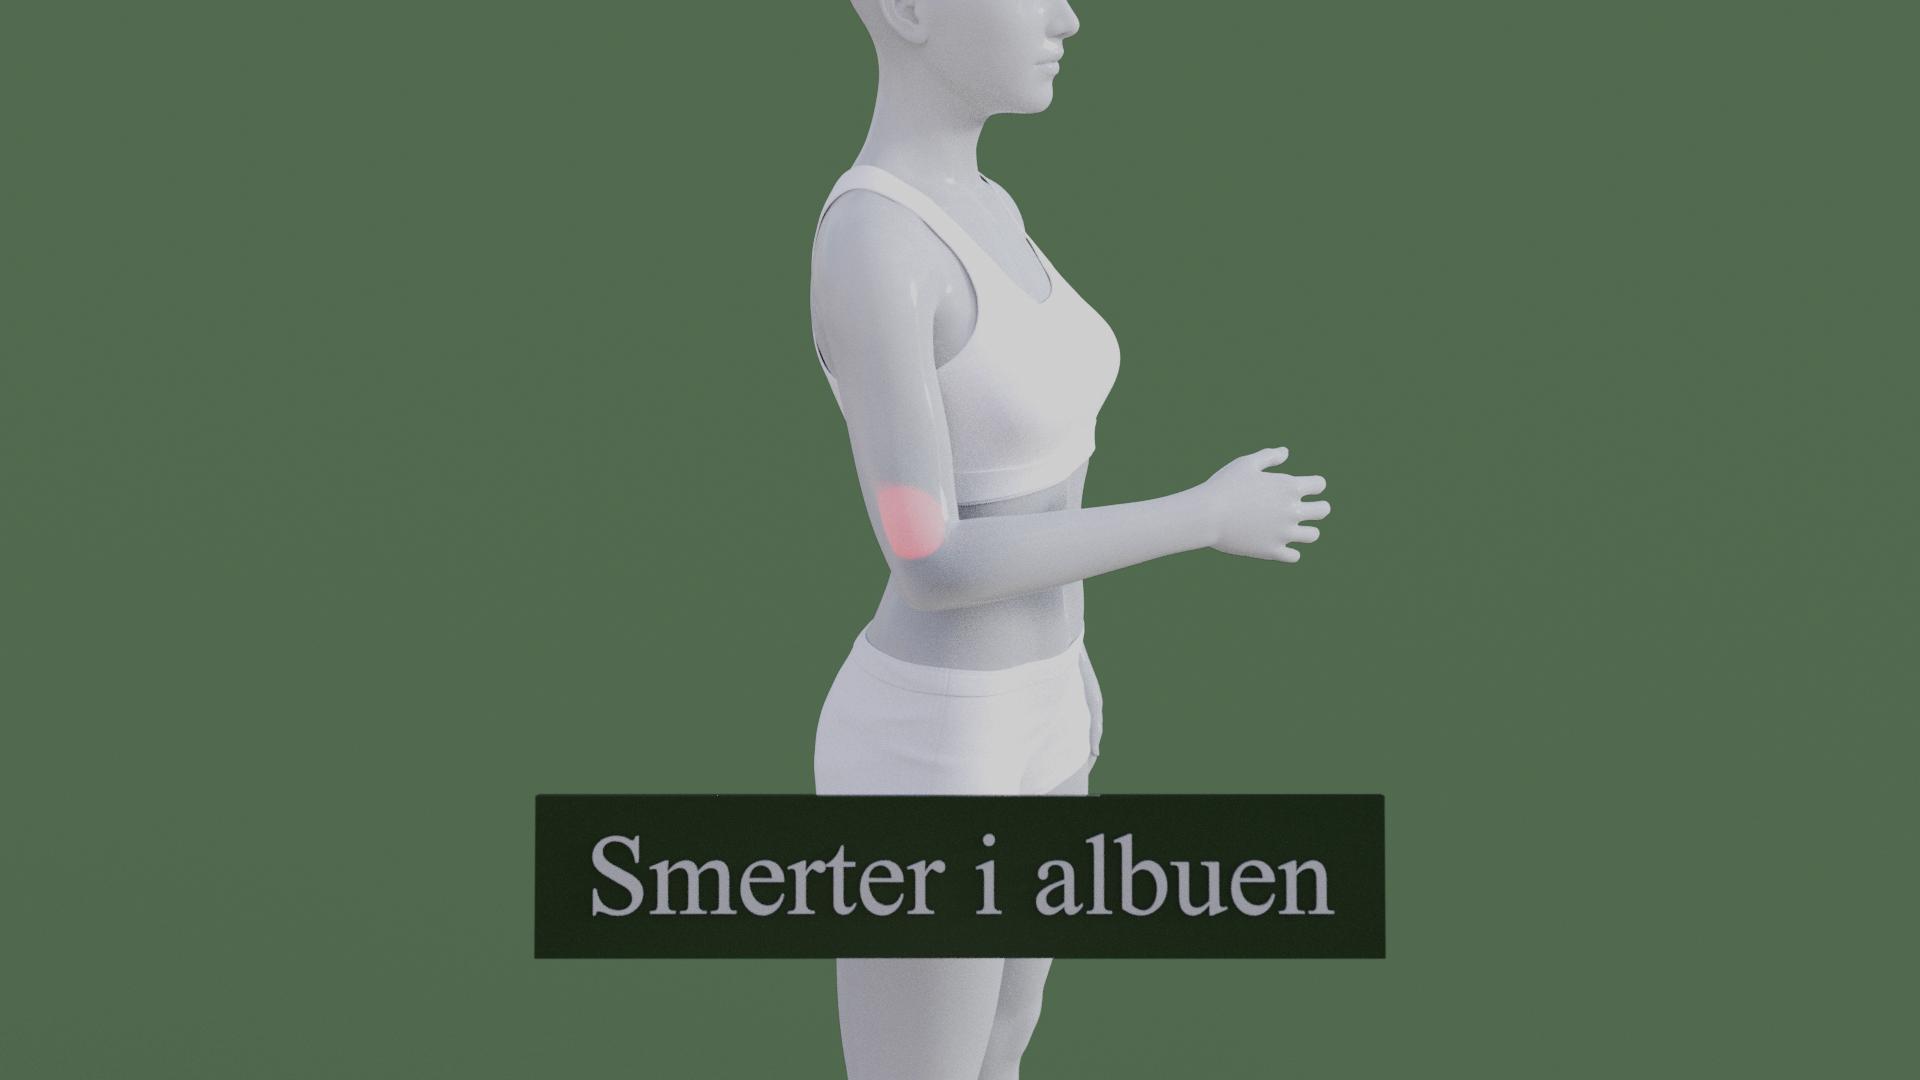 Billedet viser en 3D figur med smerter i albuen i for af en tennisalbue. Den røde farve på albuen symboliserer smerterne.